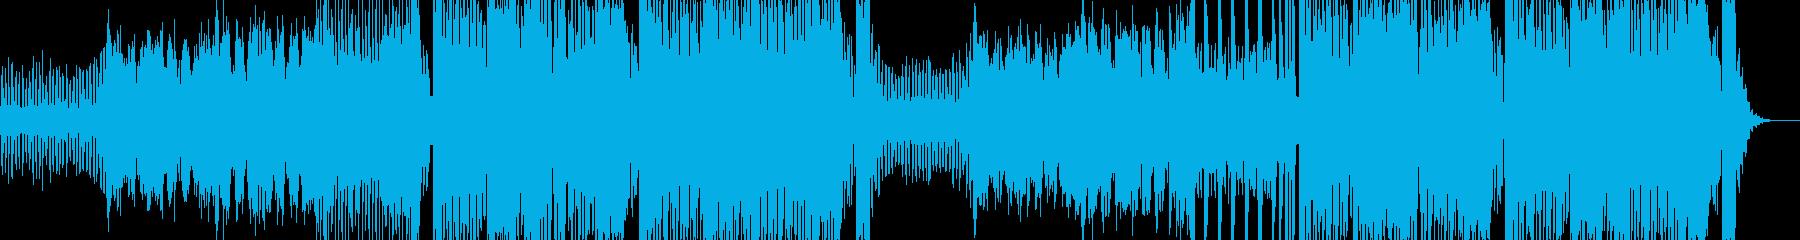 ストレートなEDM & ダブステップの再生済みの波形